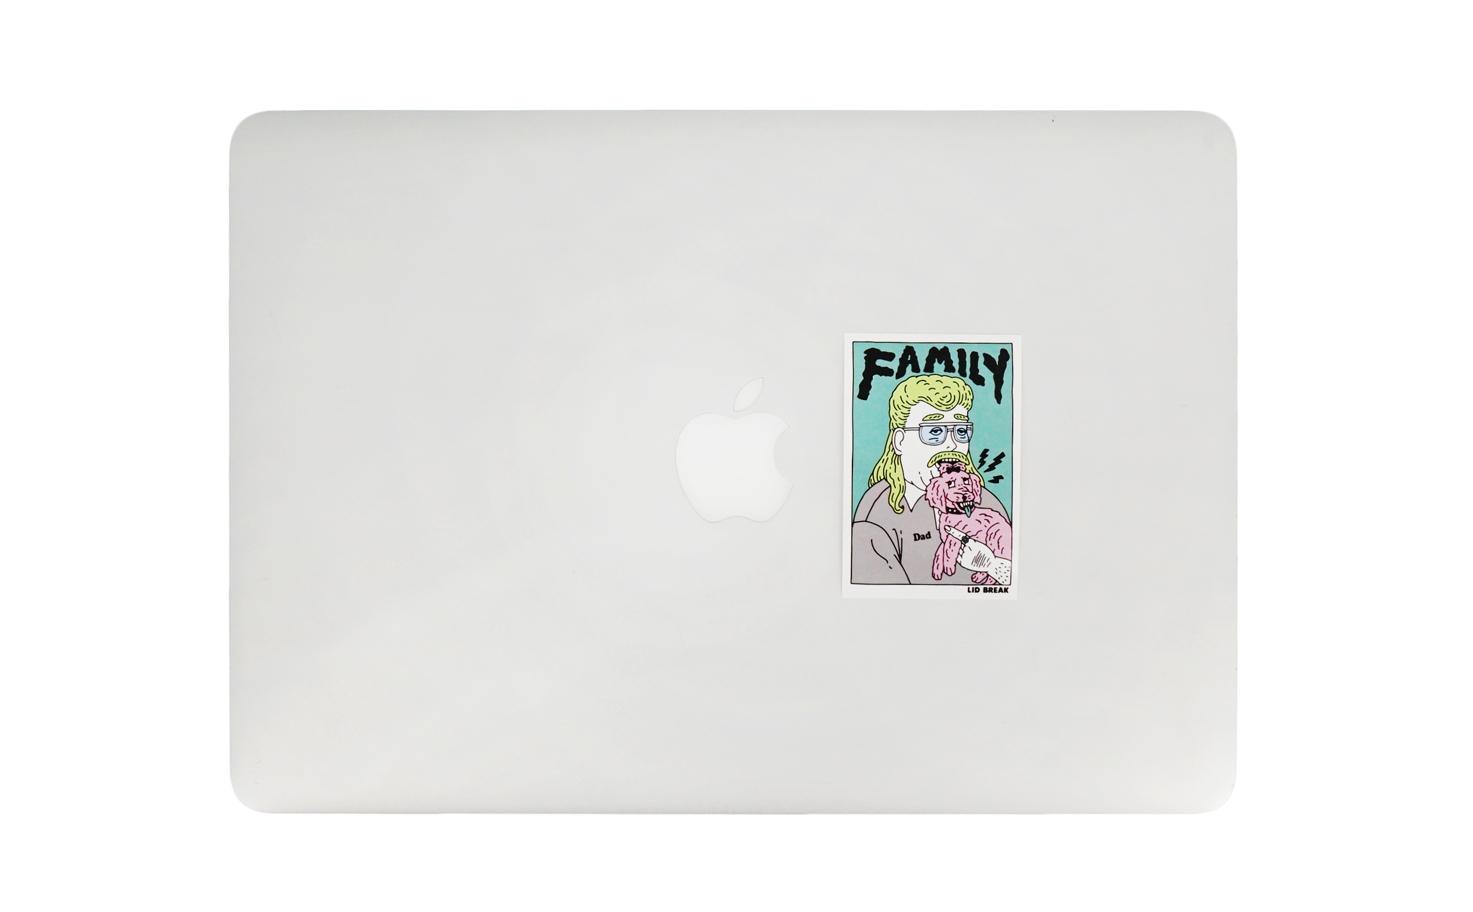 シングルステッカー/Familly